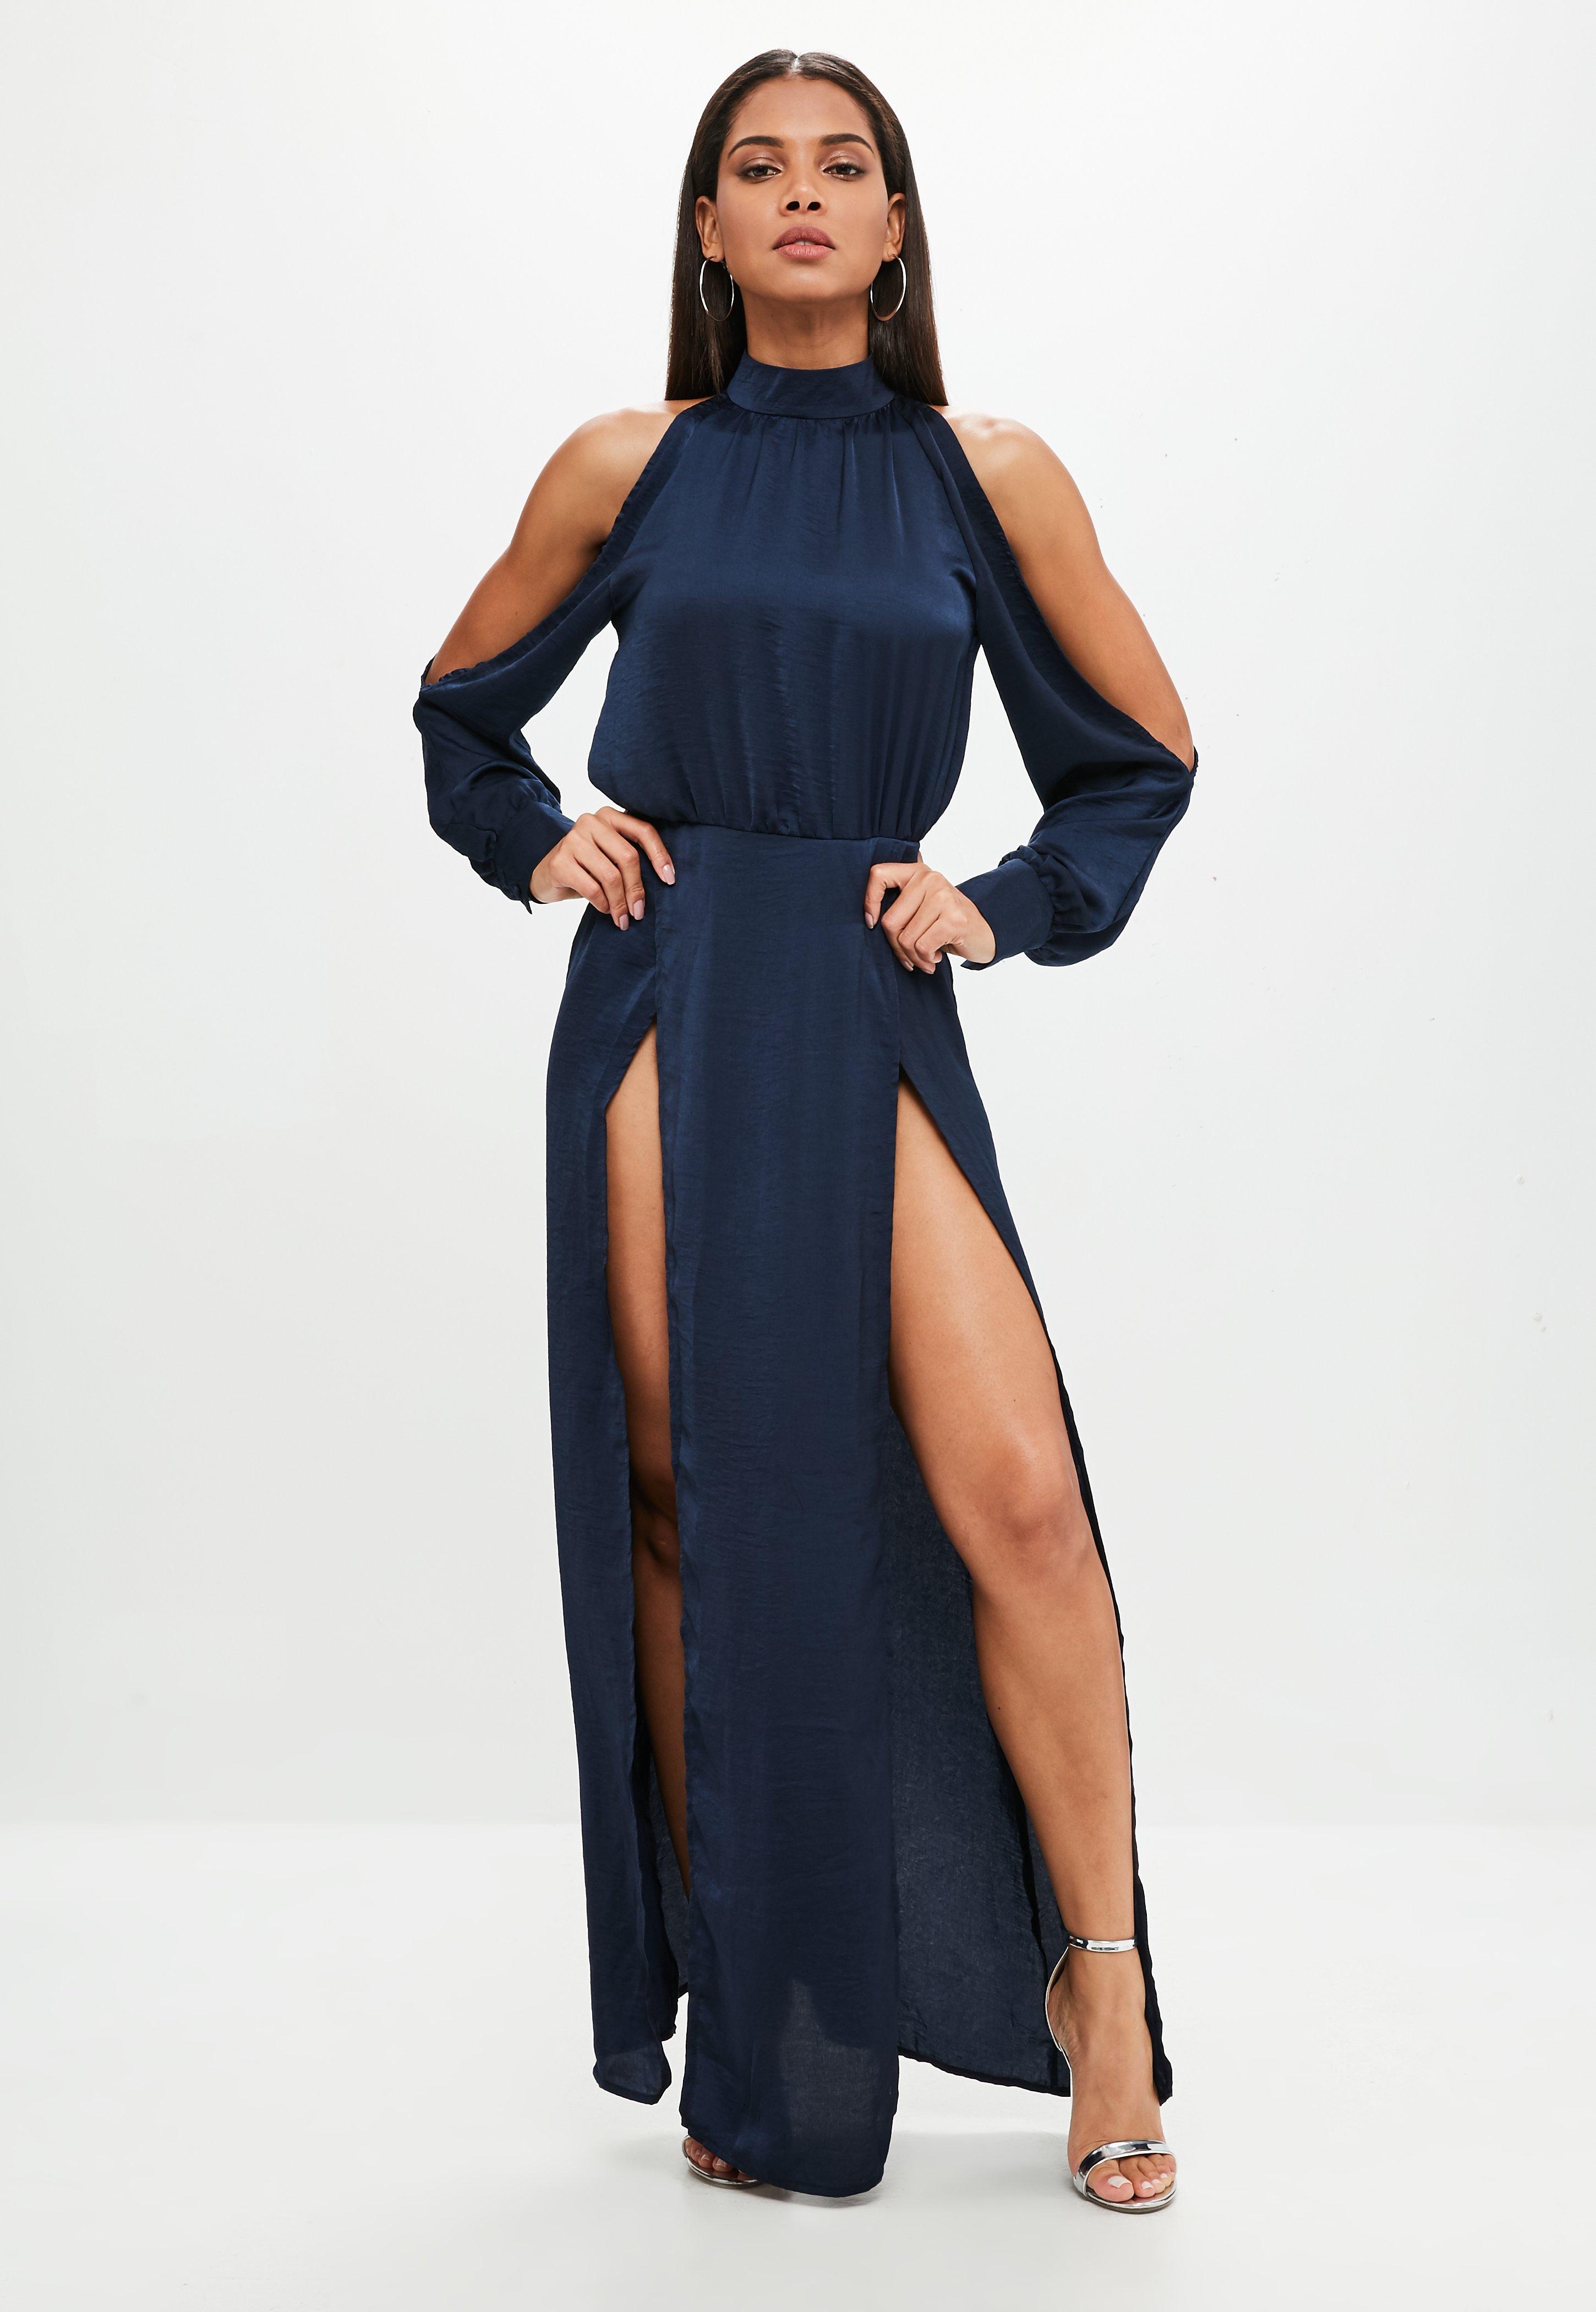 Robe nouvel an   Achat robe de réveillon femme - Missguided 955b639784e4